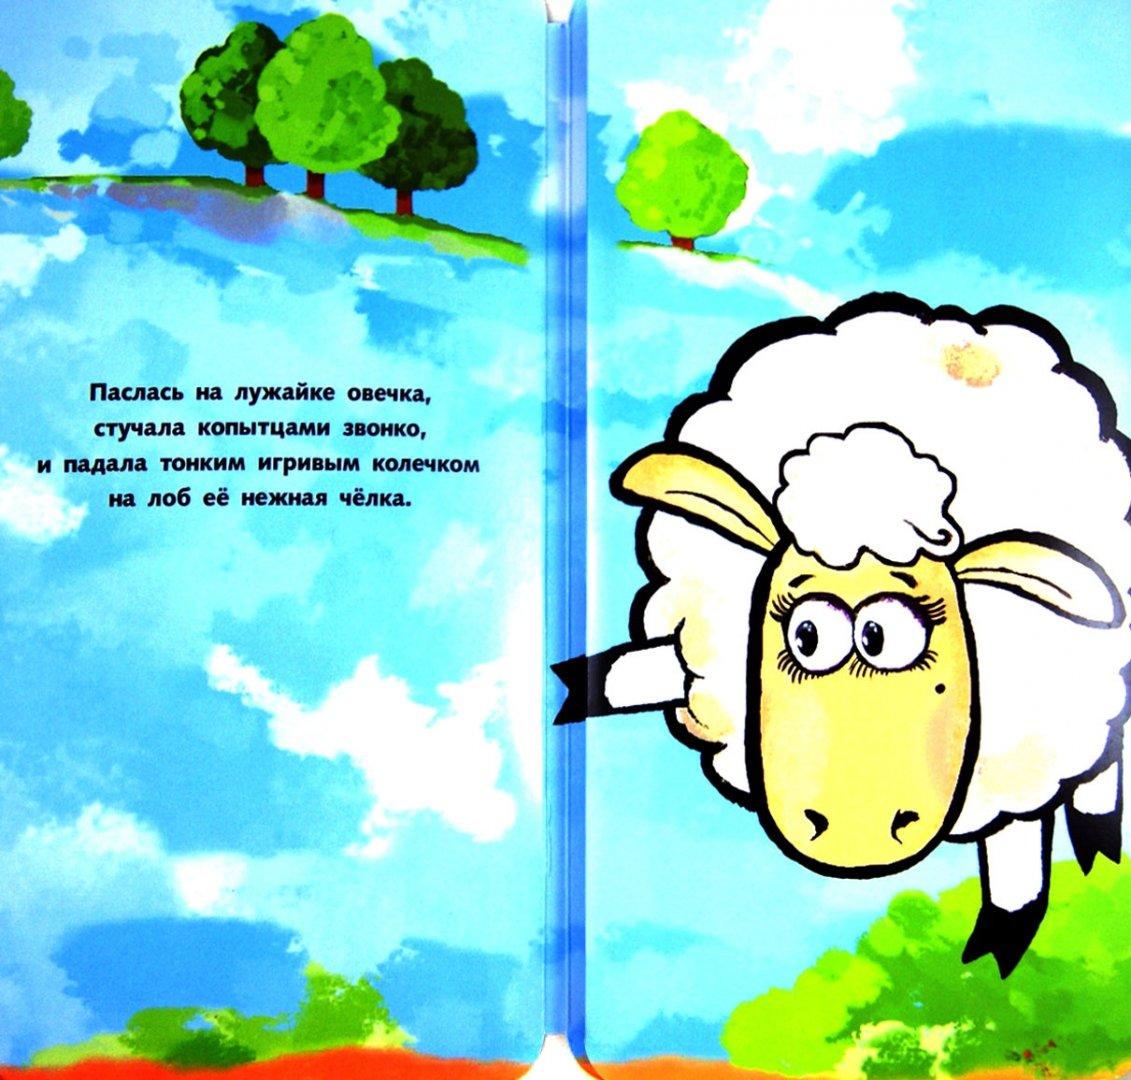 Иллюстрация 1 из 18 для Это овечка? - П. Волцит   Лабиринт - книги. Источник: Лабиринт